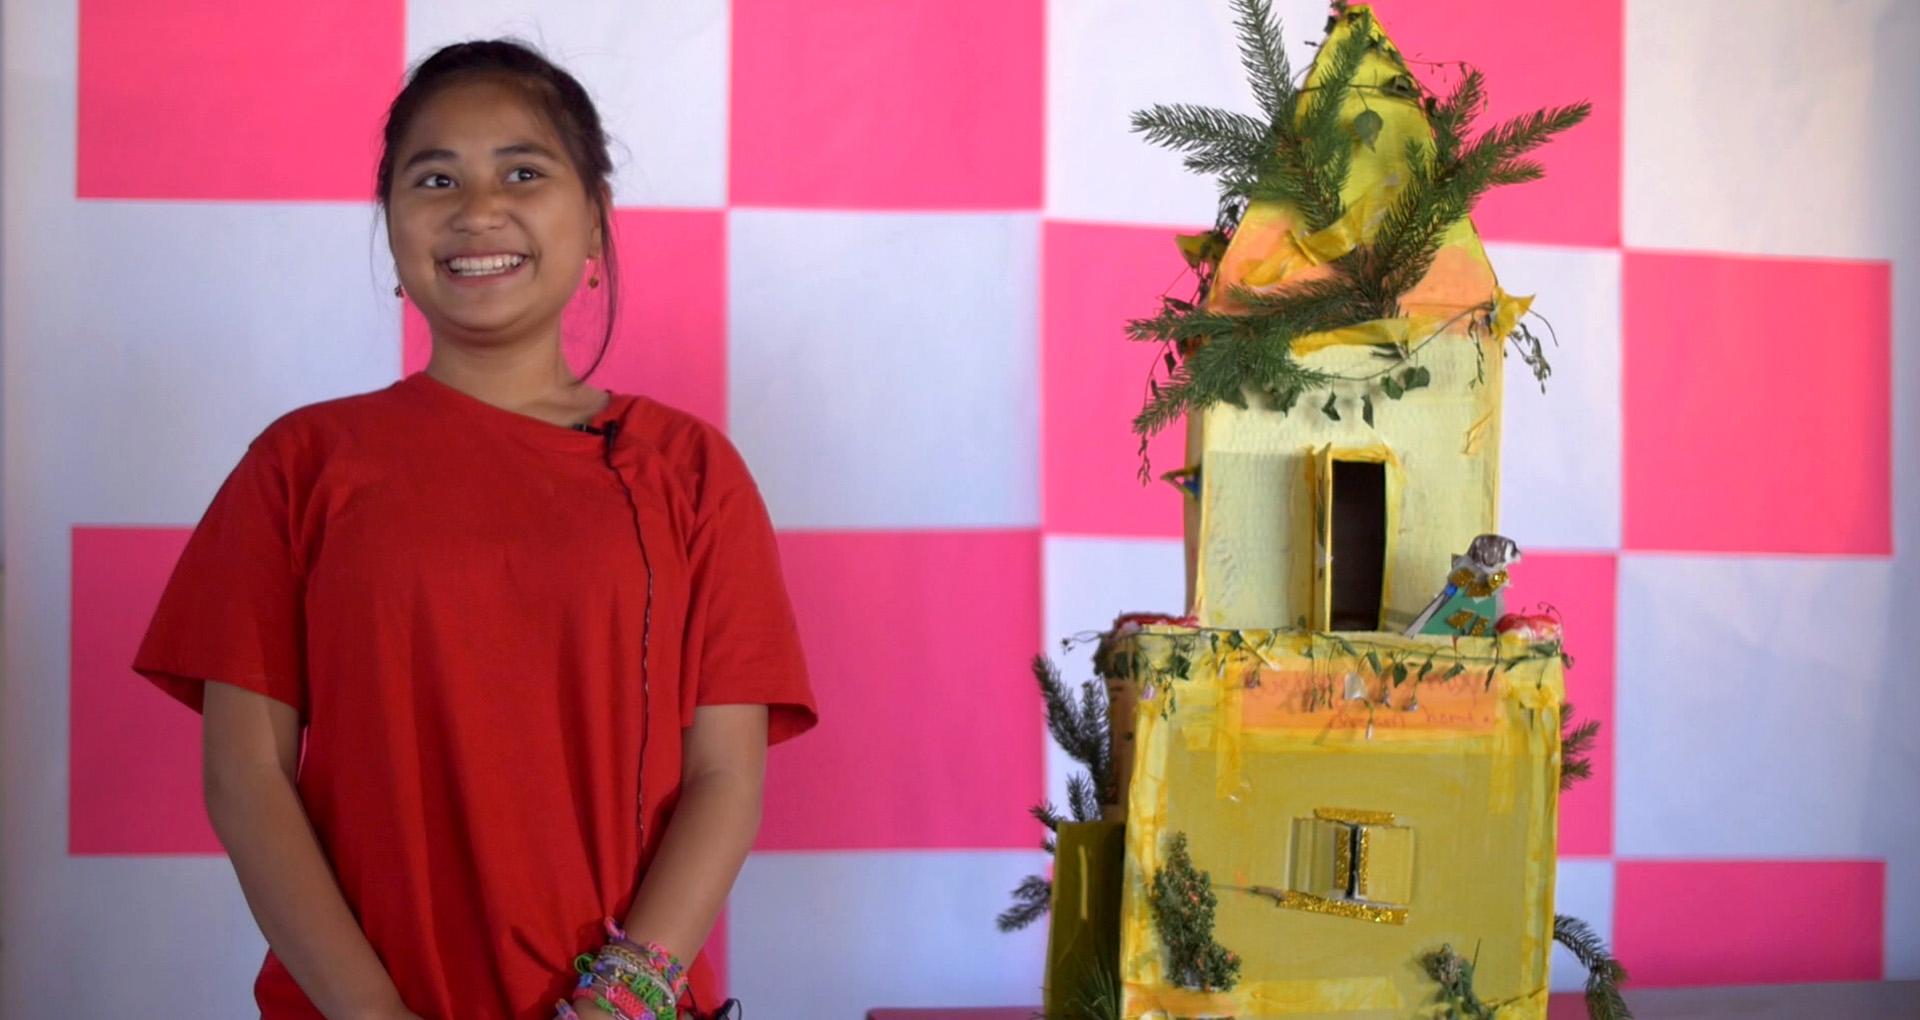 petite fille en tshirt rouge su fond rose et blanc à damiers, devant un château en carton peint en jaune